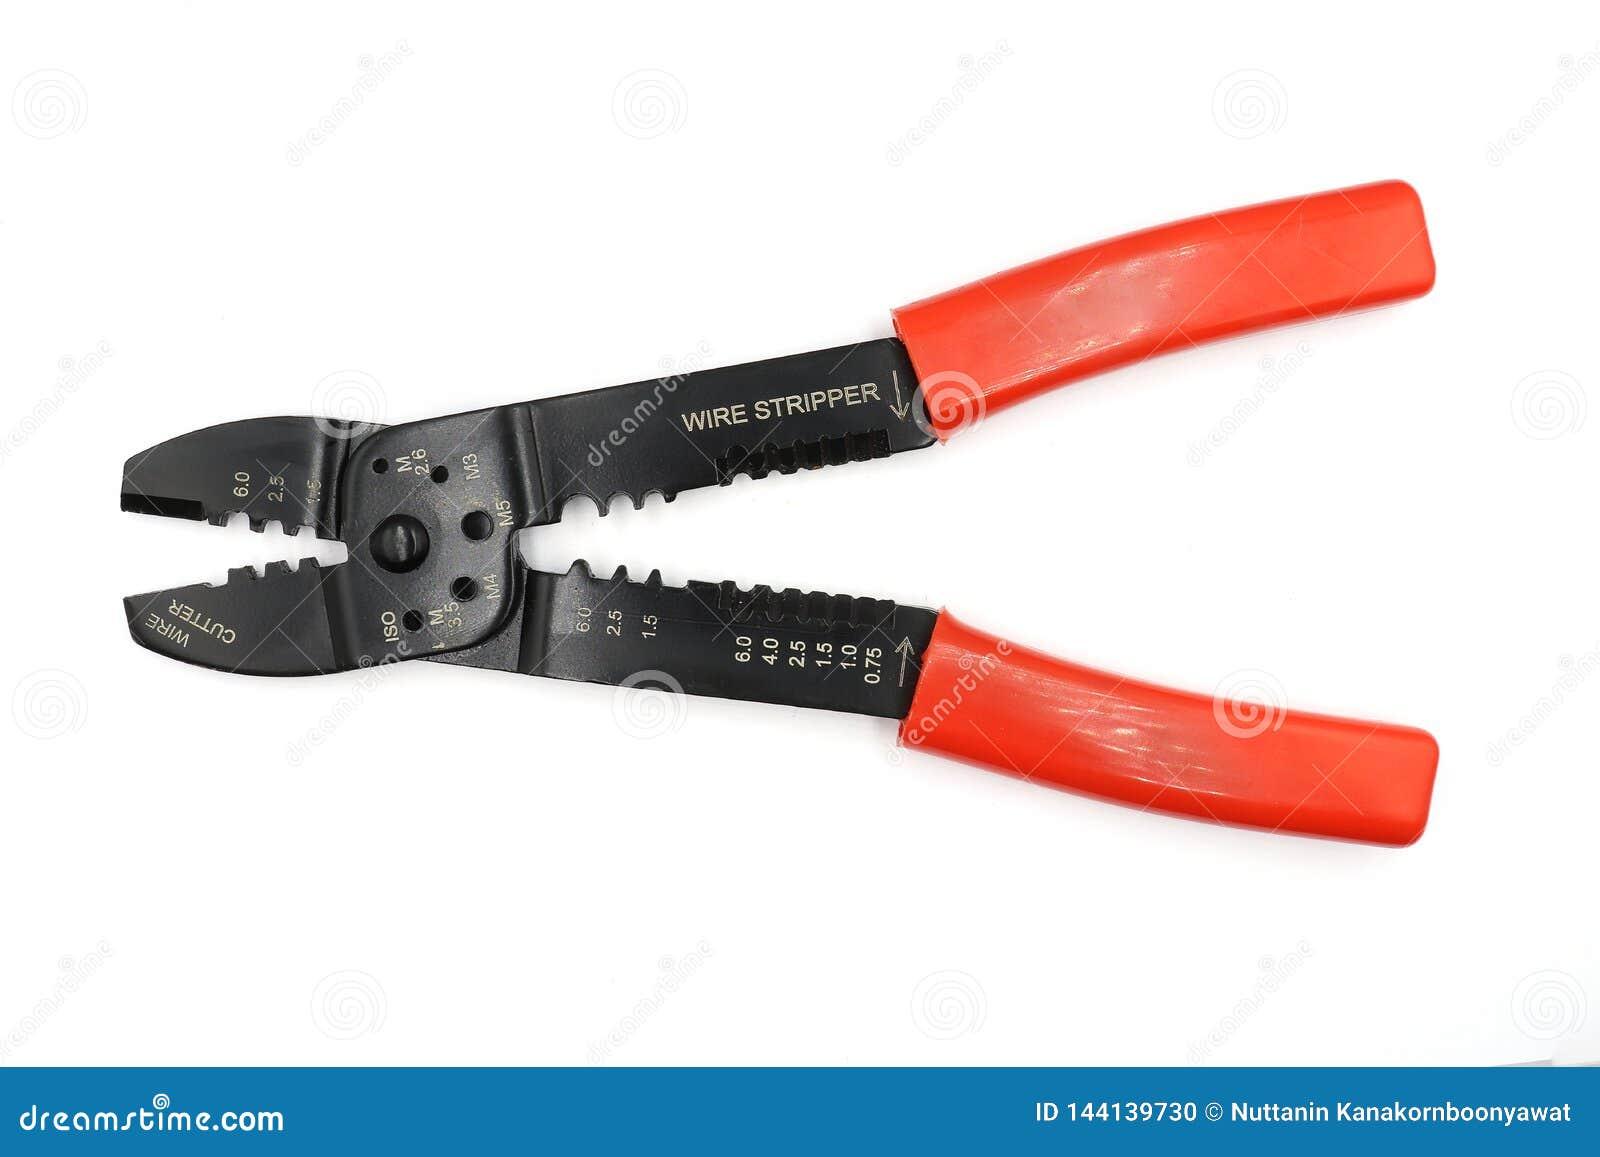 Pelacables o cortador de alambre aislado en el fondo blanco